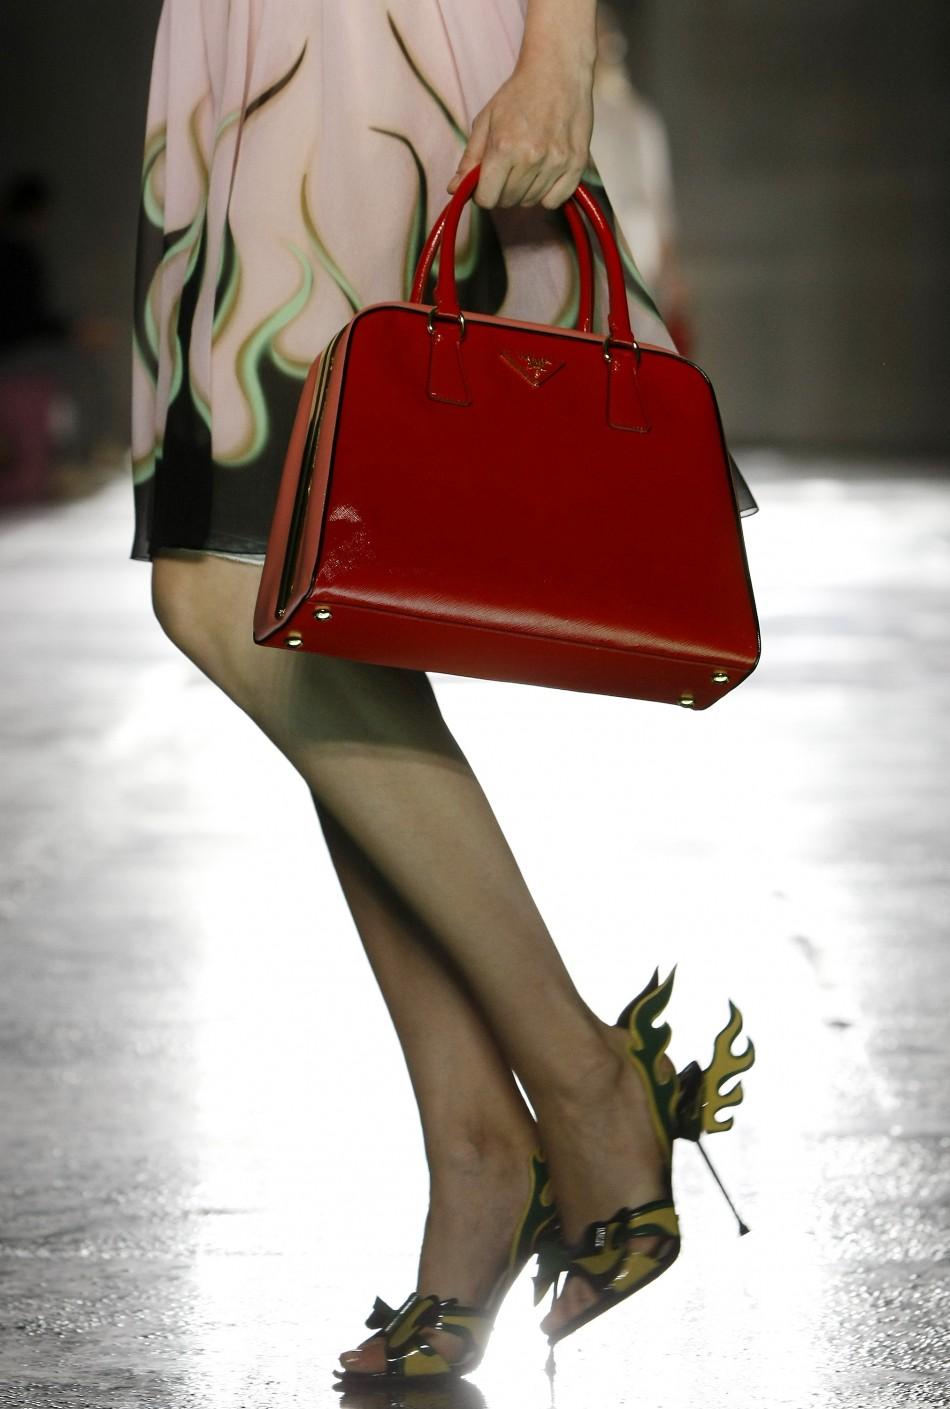 A Womans Handbag